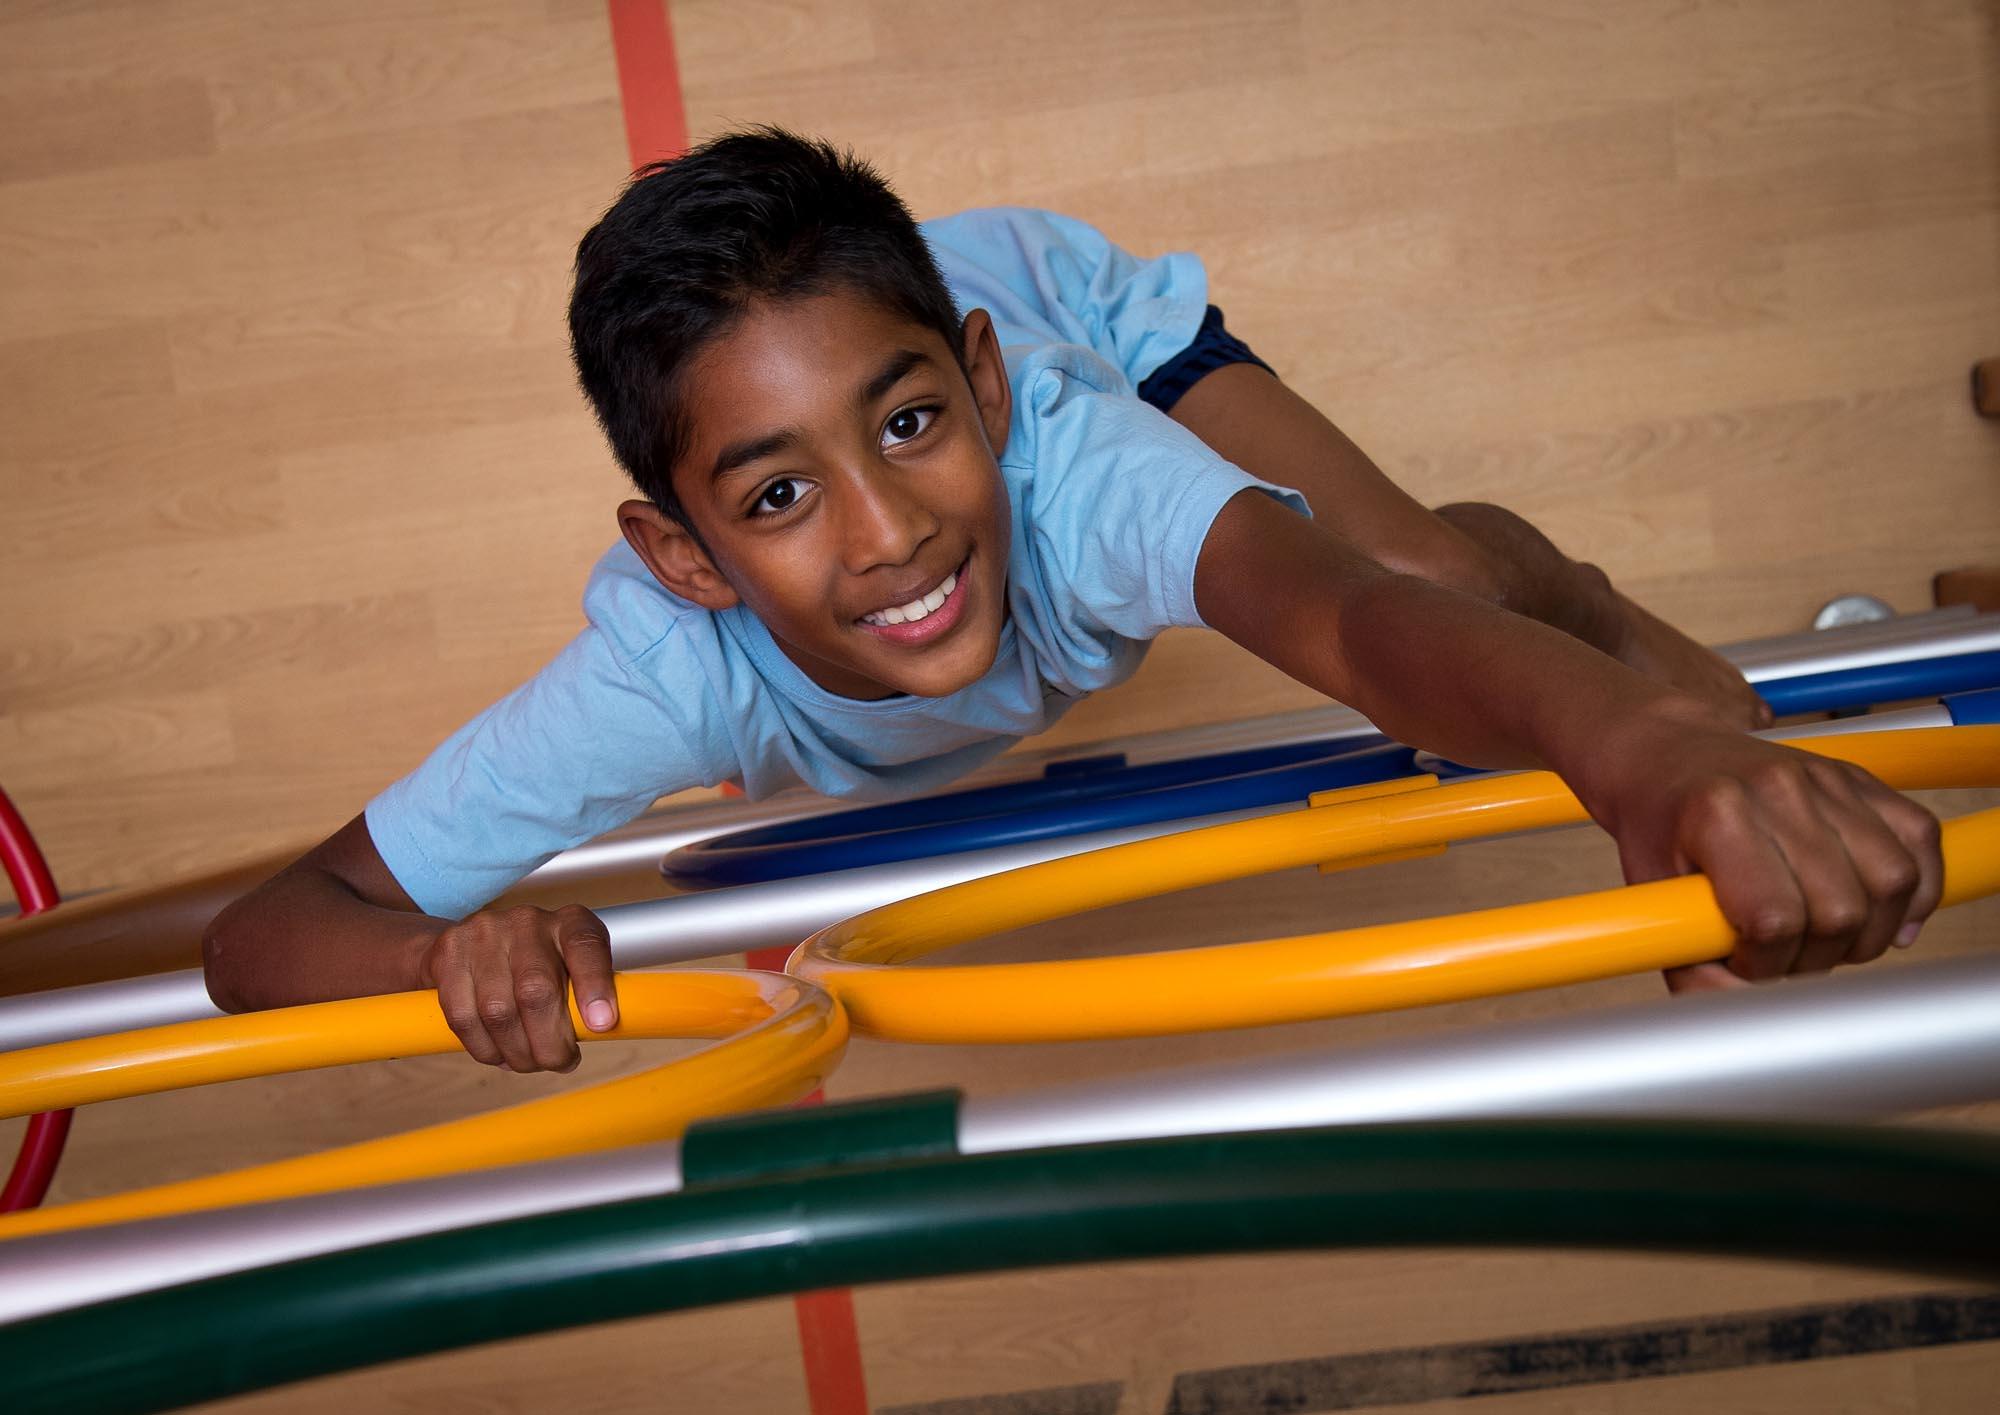 Boy climbing up indoor apparatus landscape